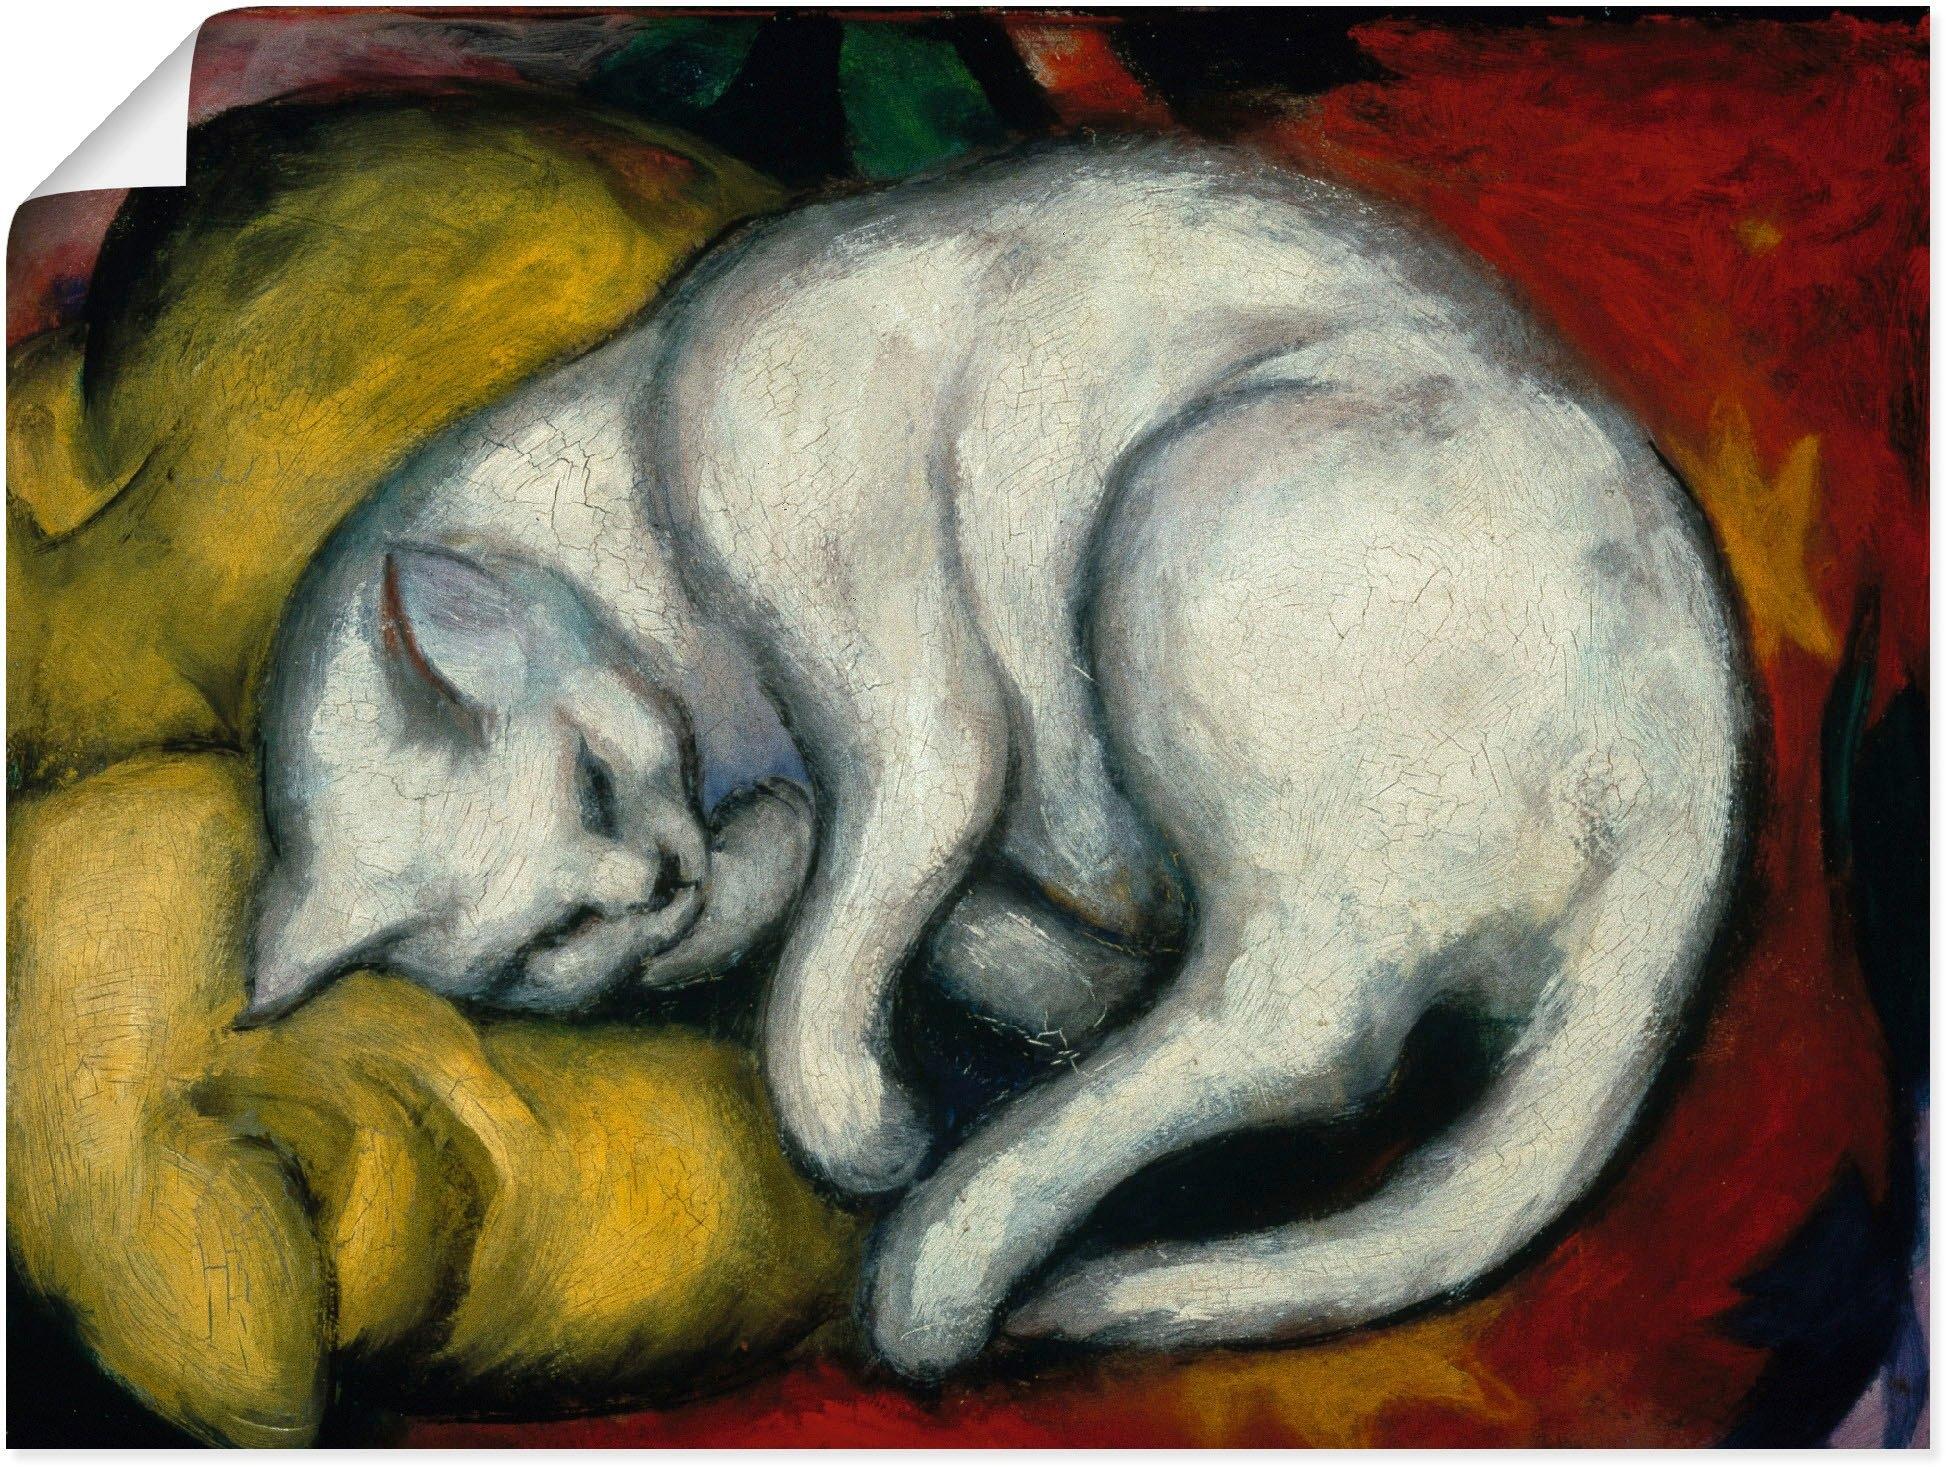 Artland artprint De witte kat. 1912 in vele afmetingen & productsoorten - artprint van aluminium / artprint voor buiten, artprint op linnen, poster, muursticker / wandfolie ook geschikt voor de badkamer (1 stuk) - verschillende betaalmethodes